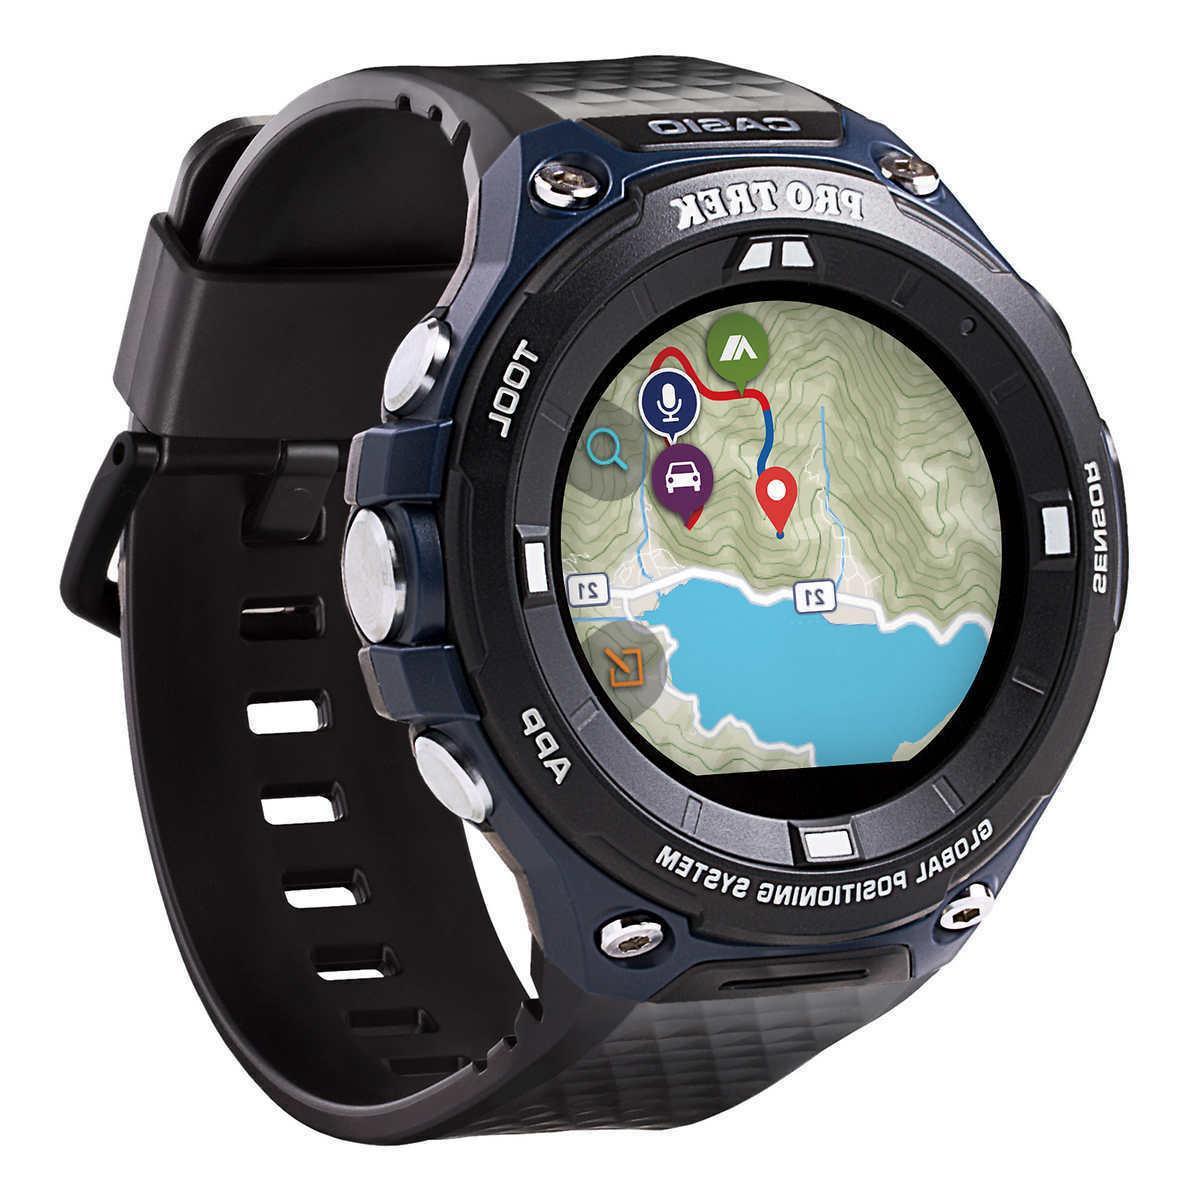 Casio Men's Pro Trek Outdoor GPS Resin Sports Watch WSD-F20A